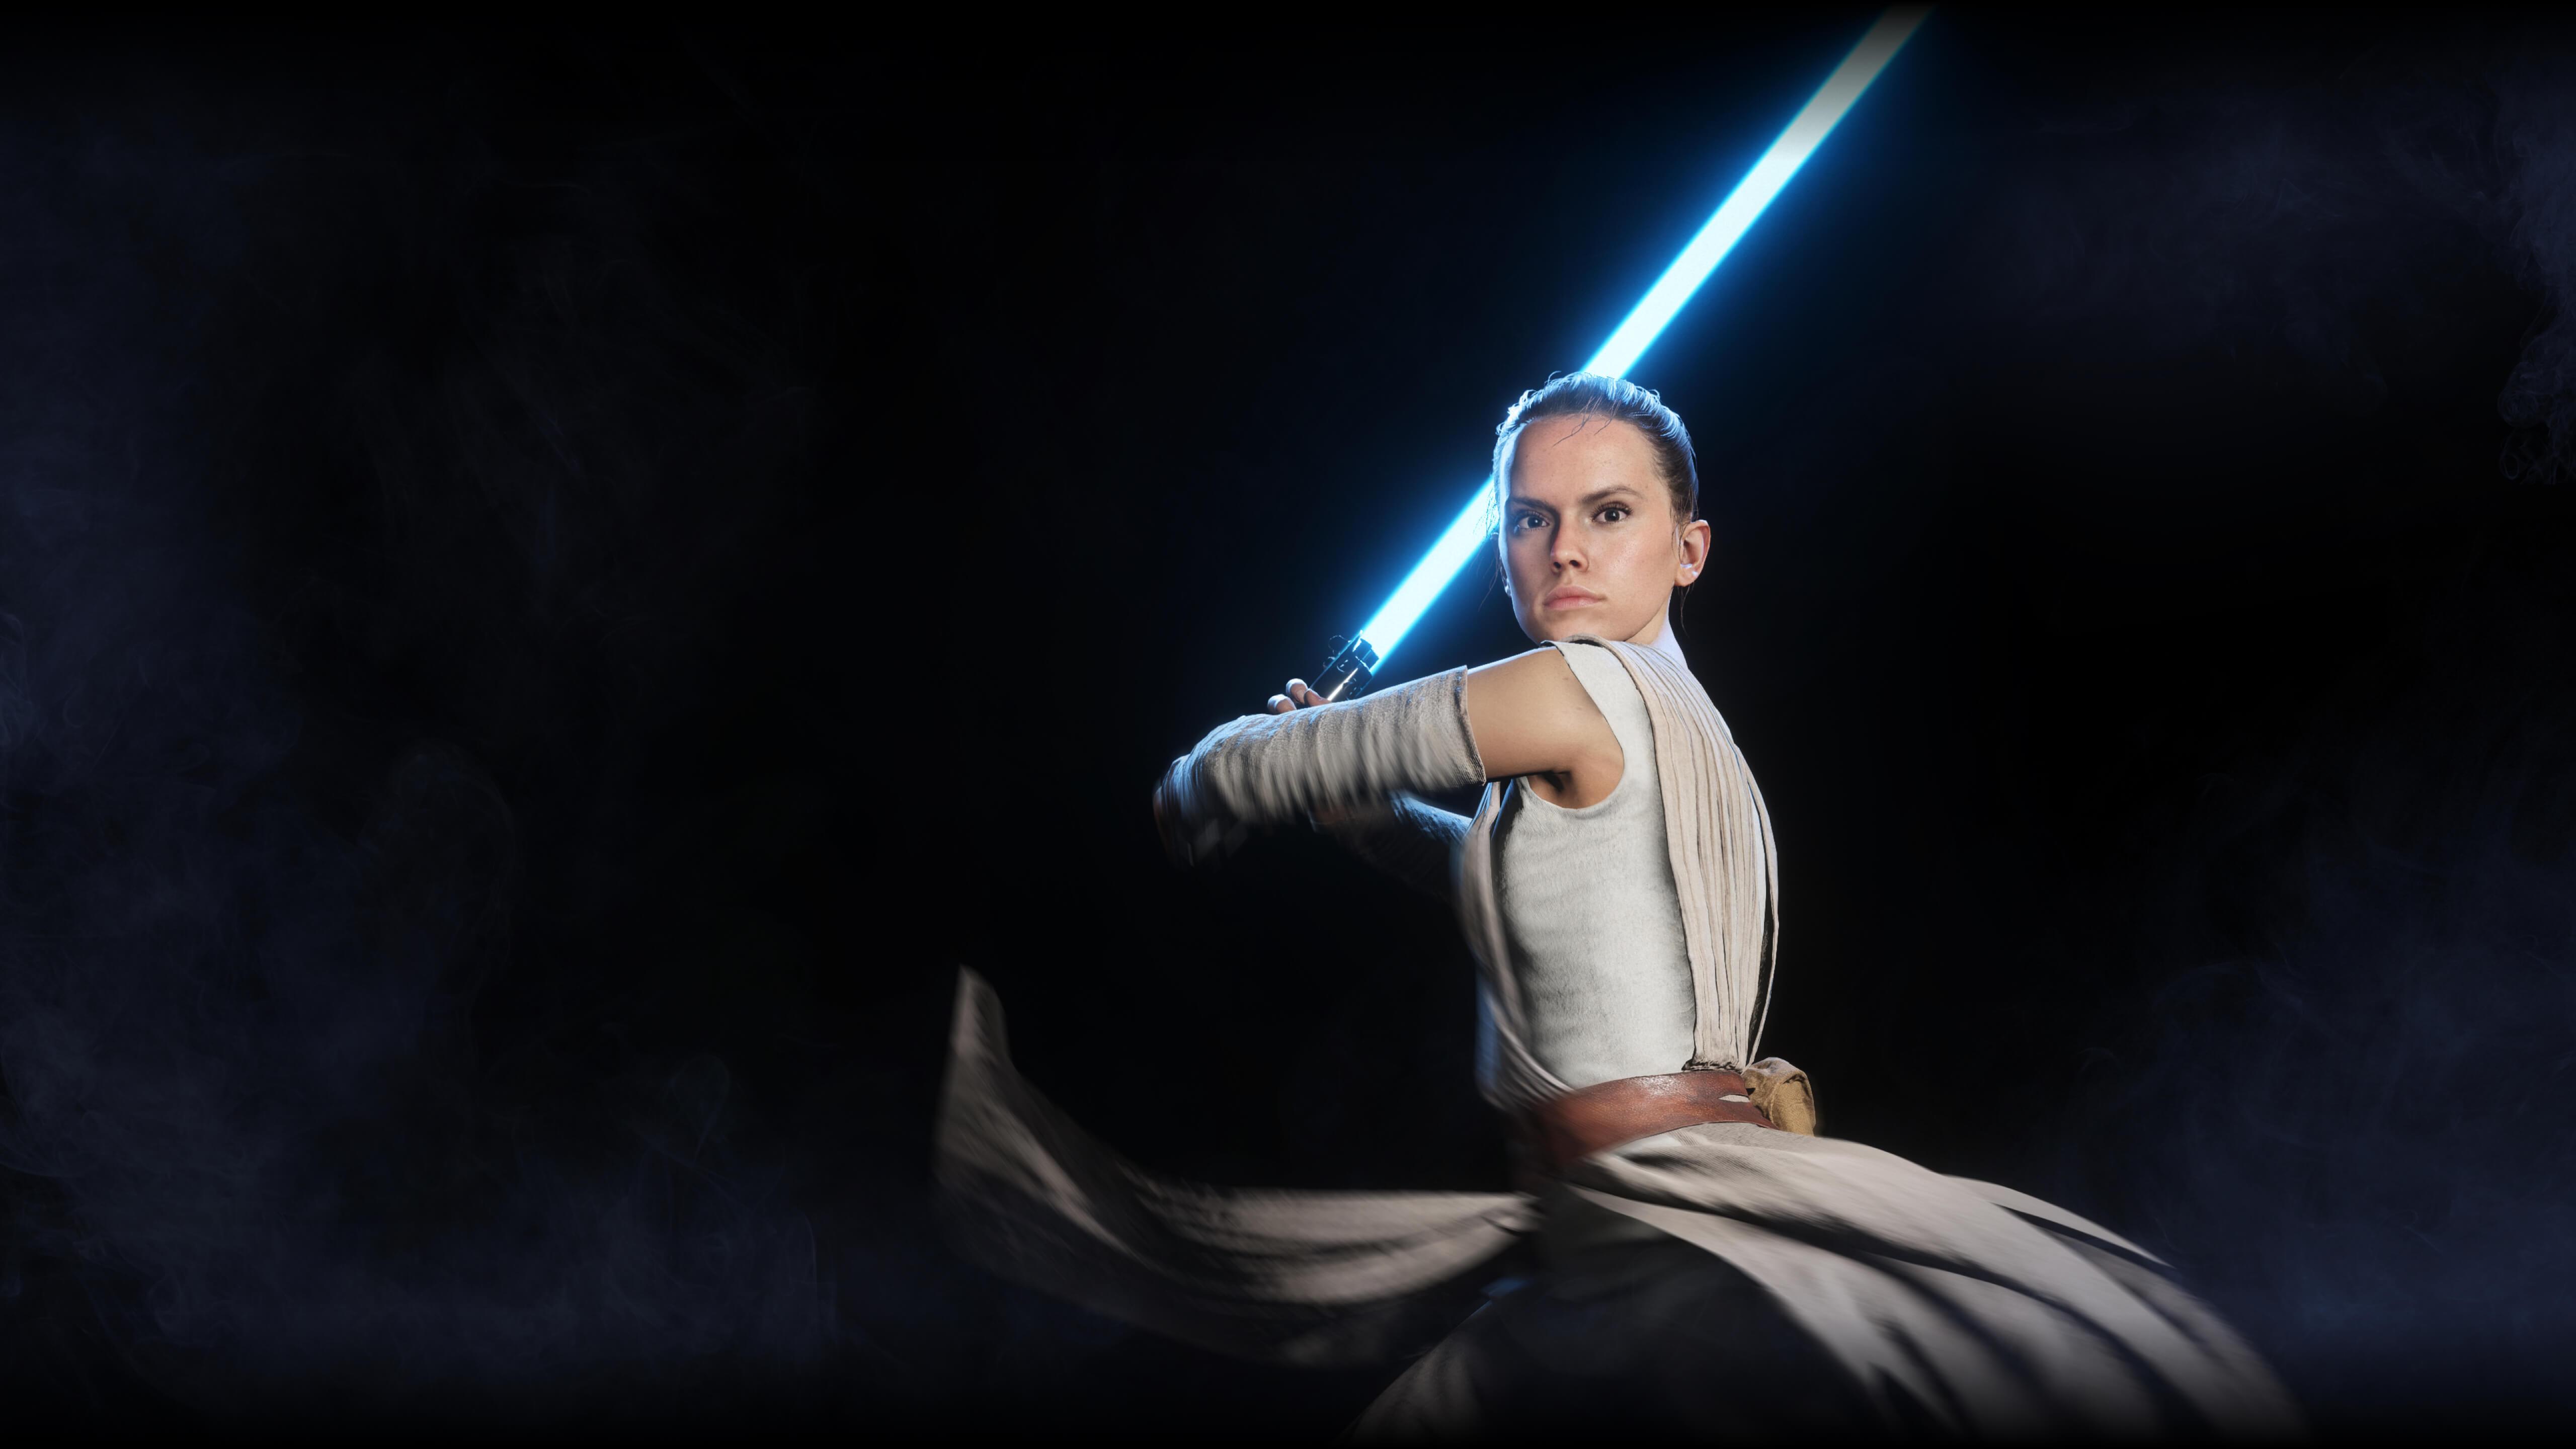 Звездные войны Battlefront II Rey обои скачать